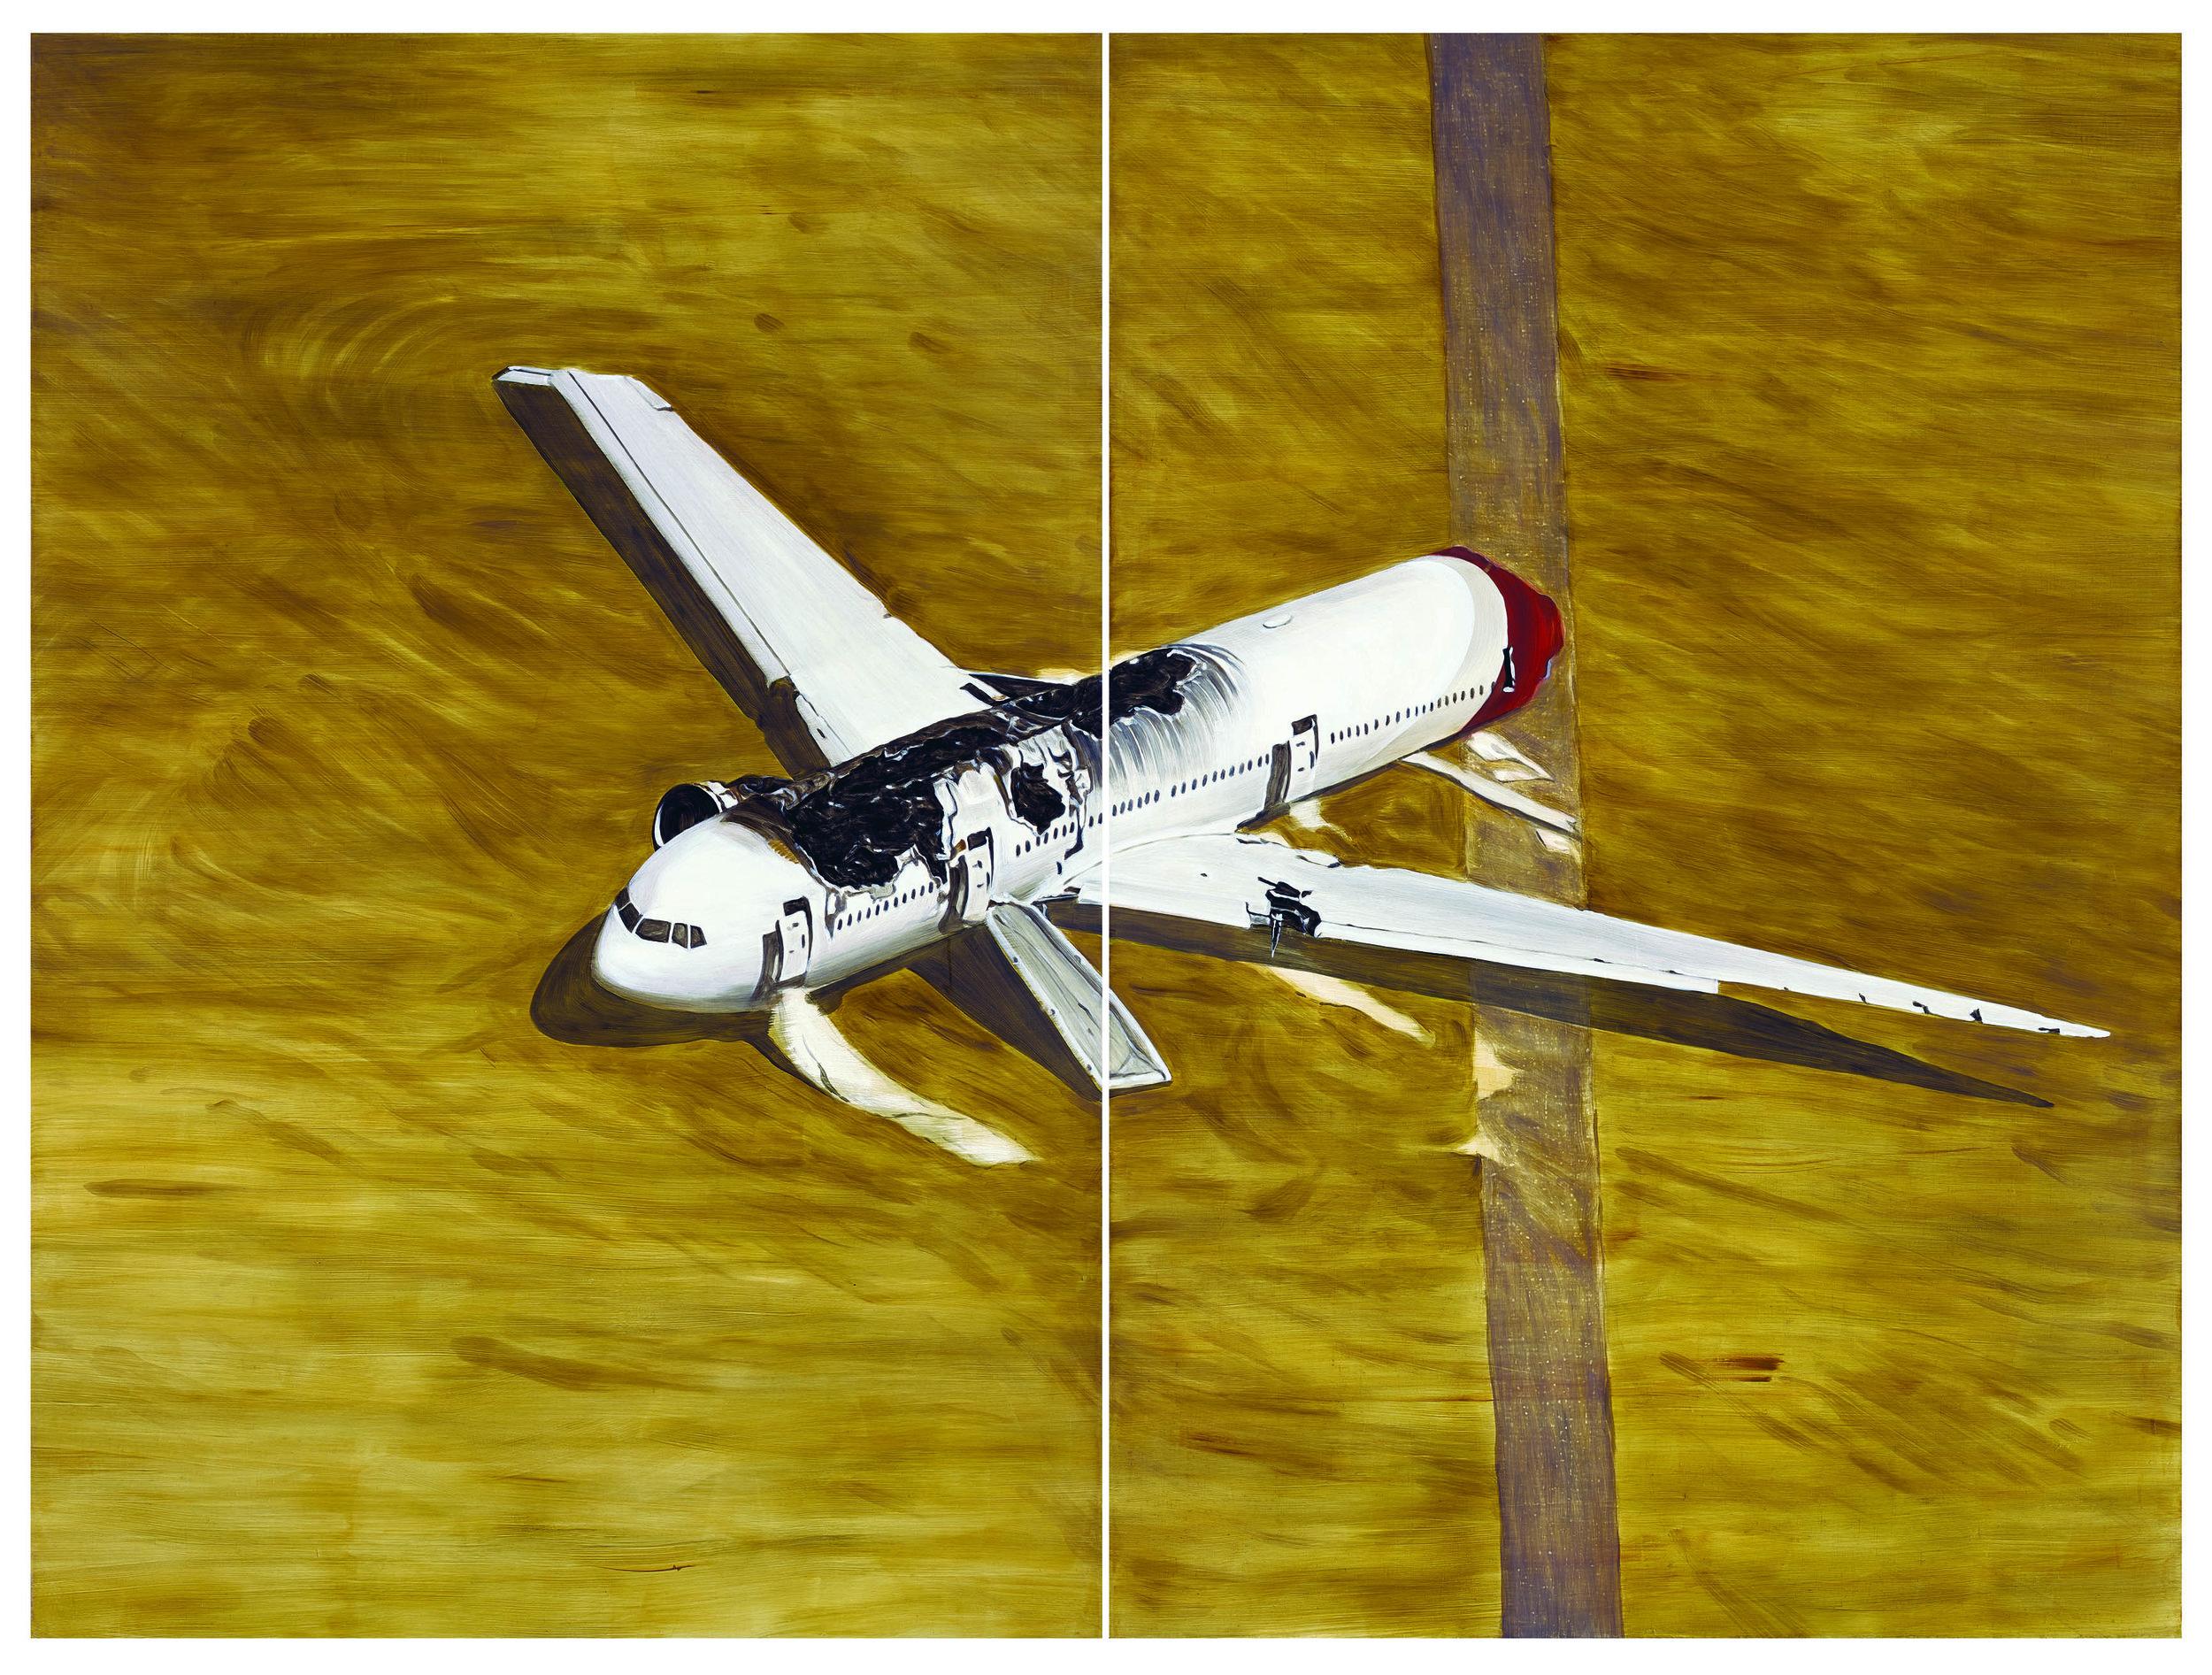 Szelit_Untitled (Airplane).jpg